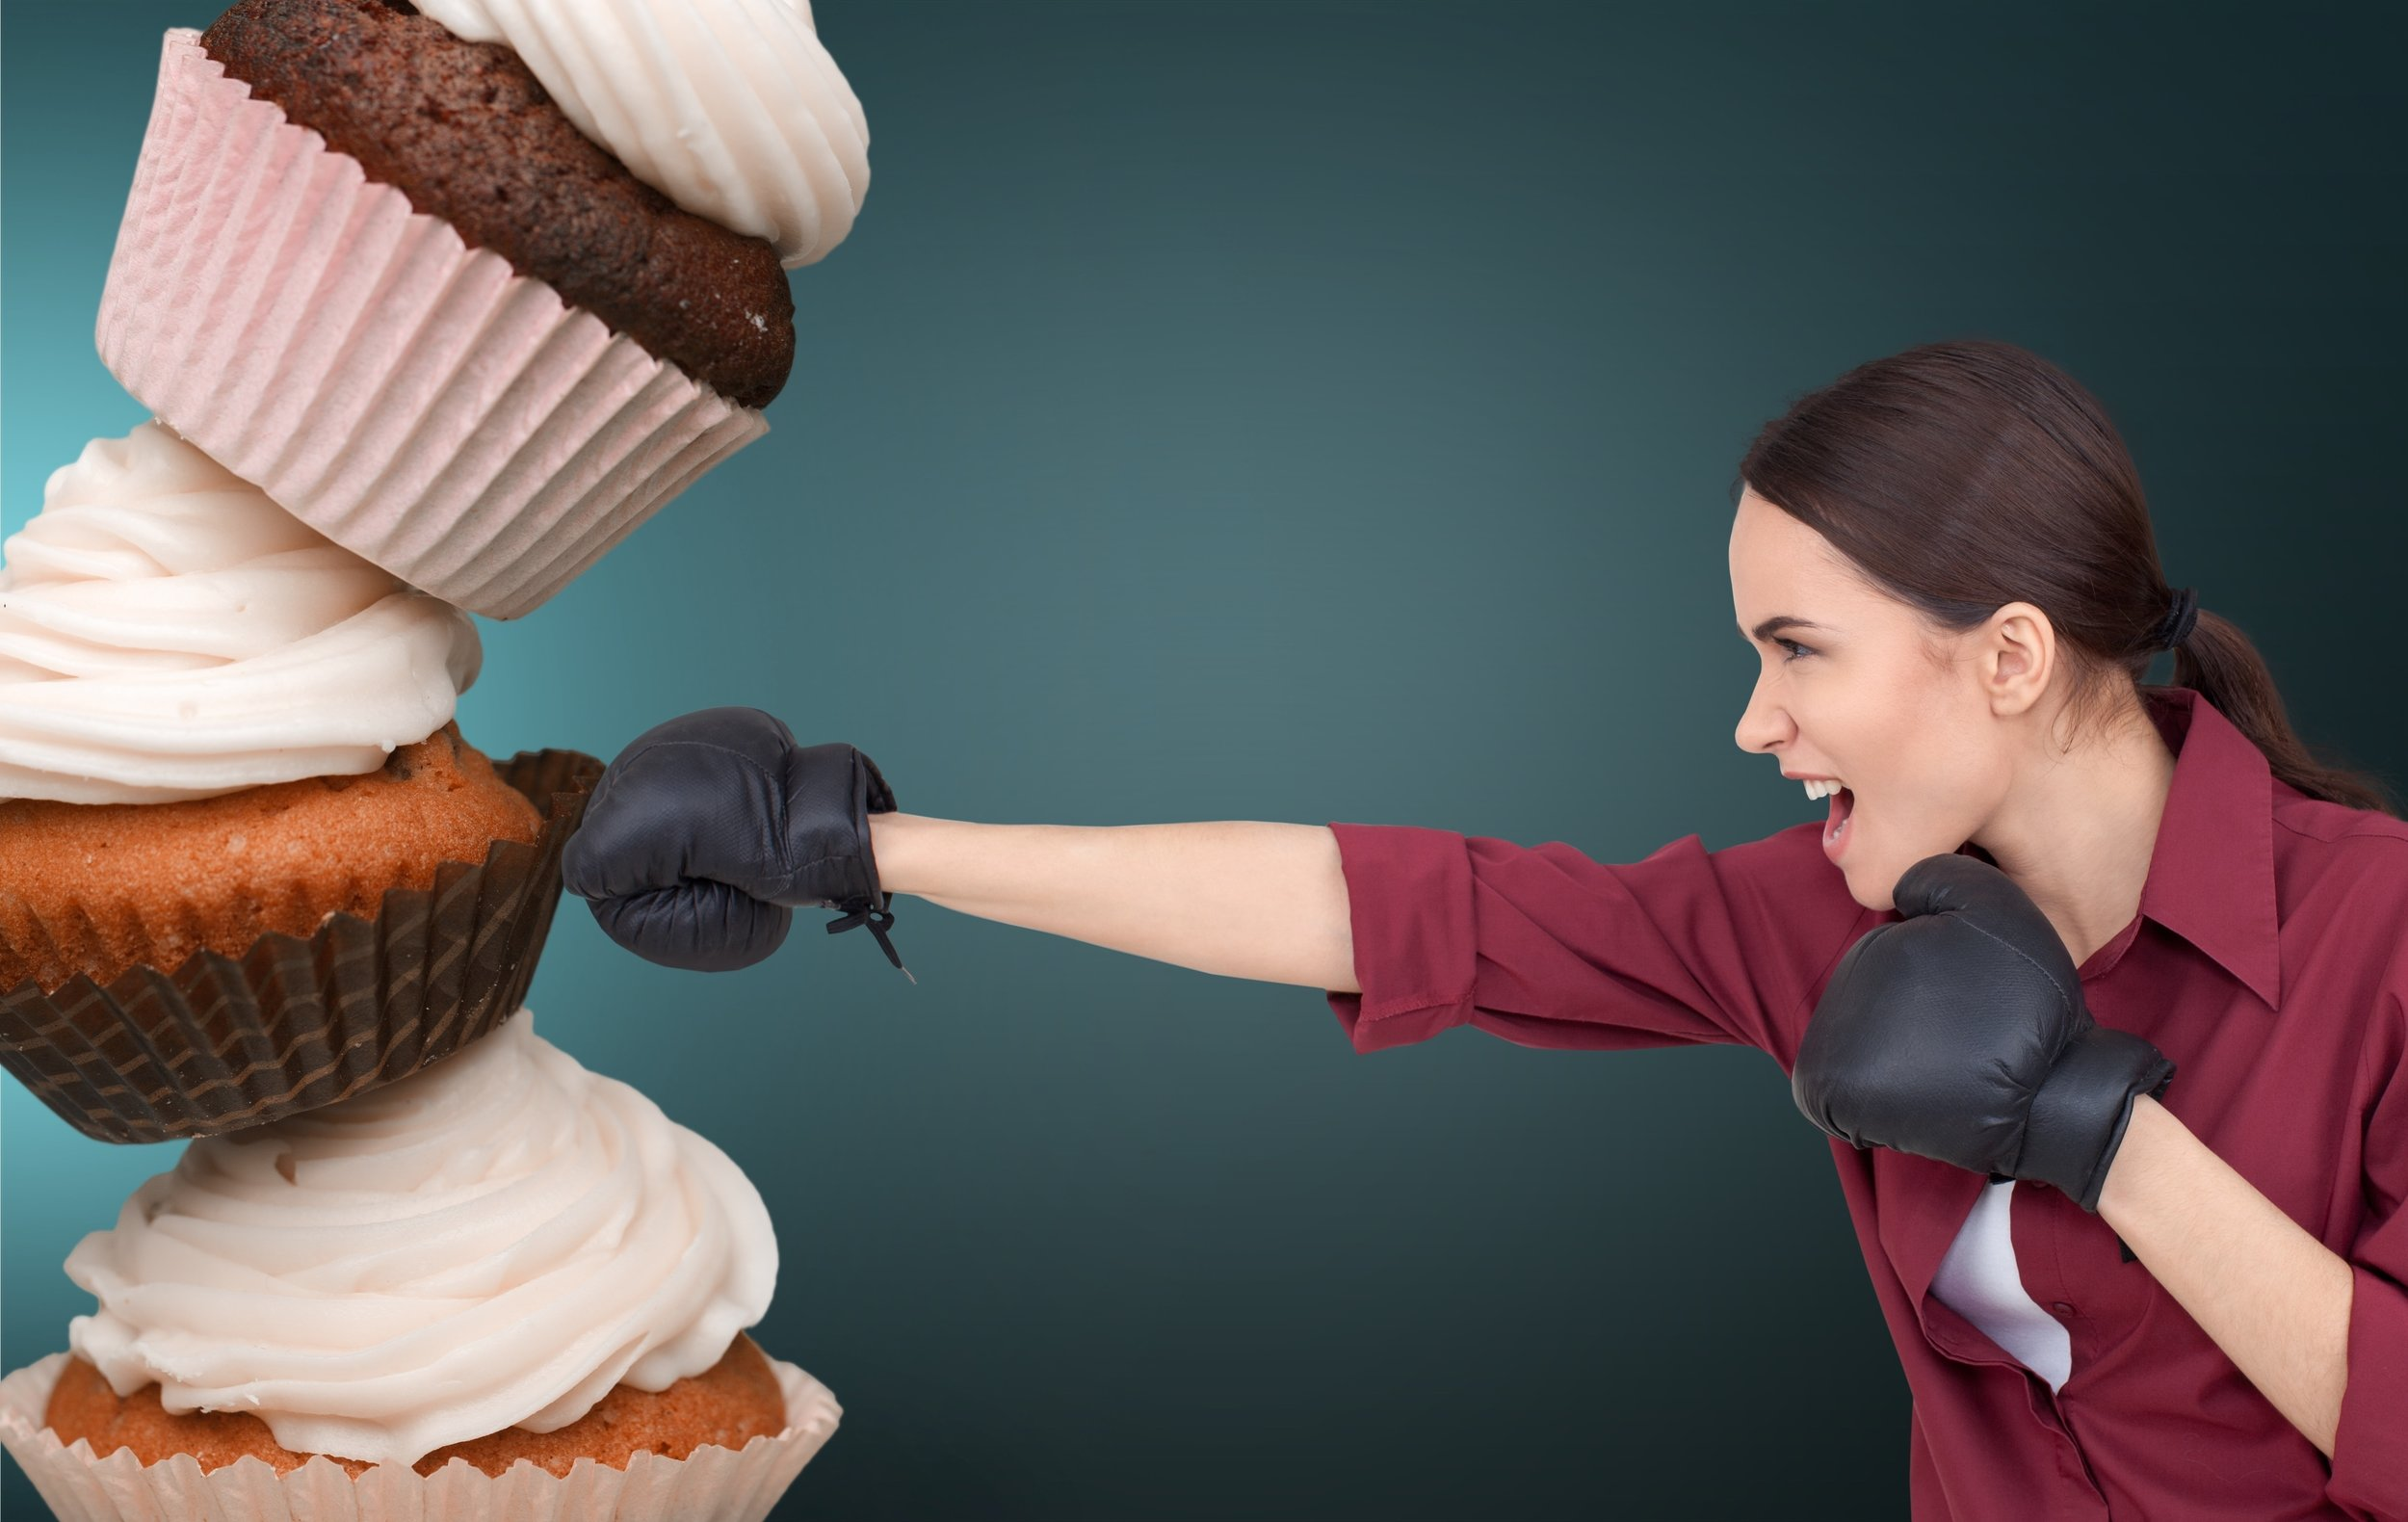 Foods to Avoid on a Prediabetic Diet